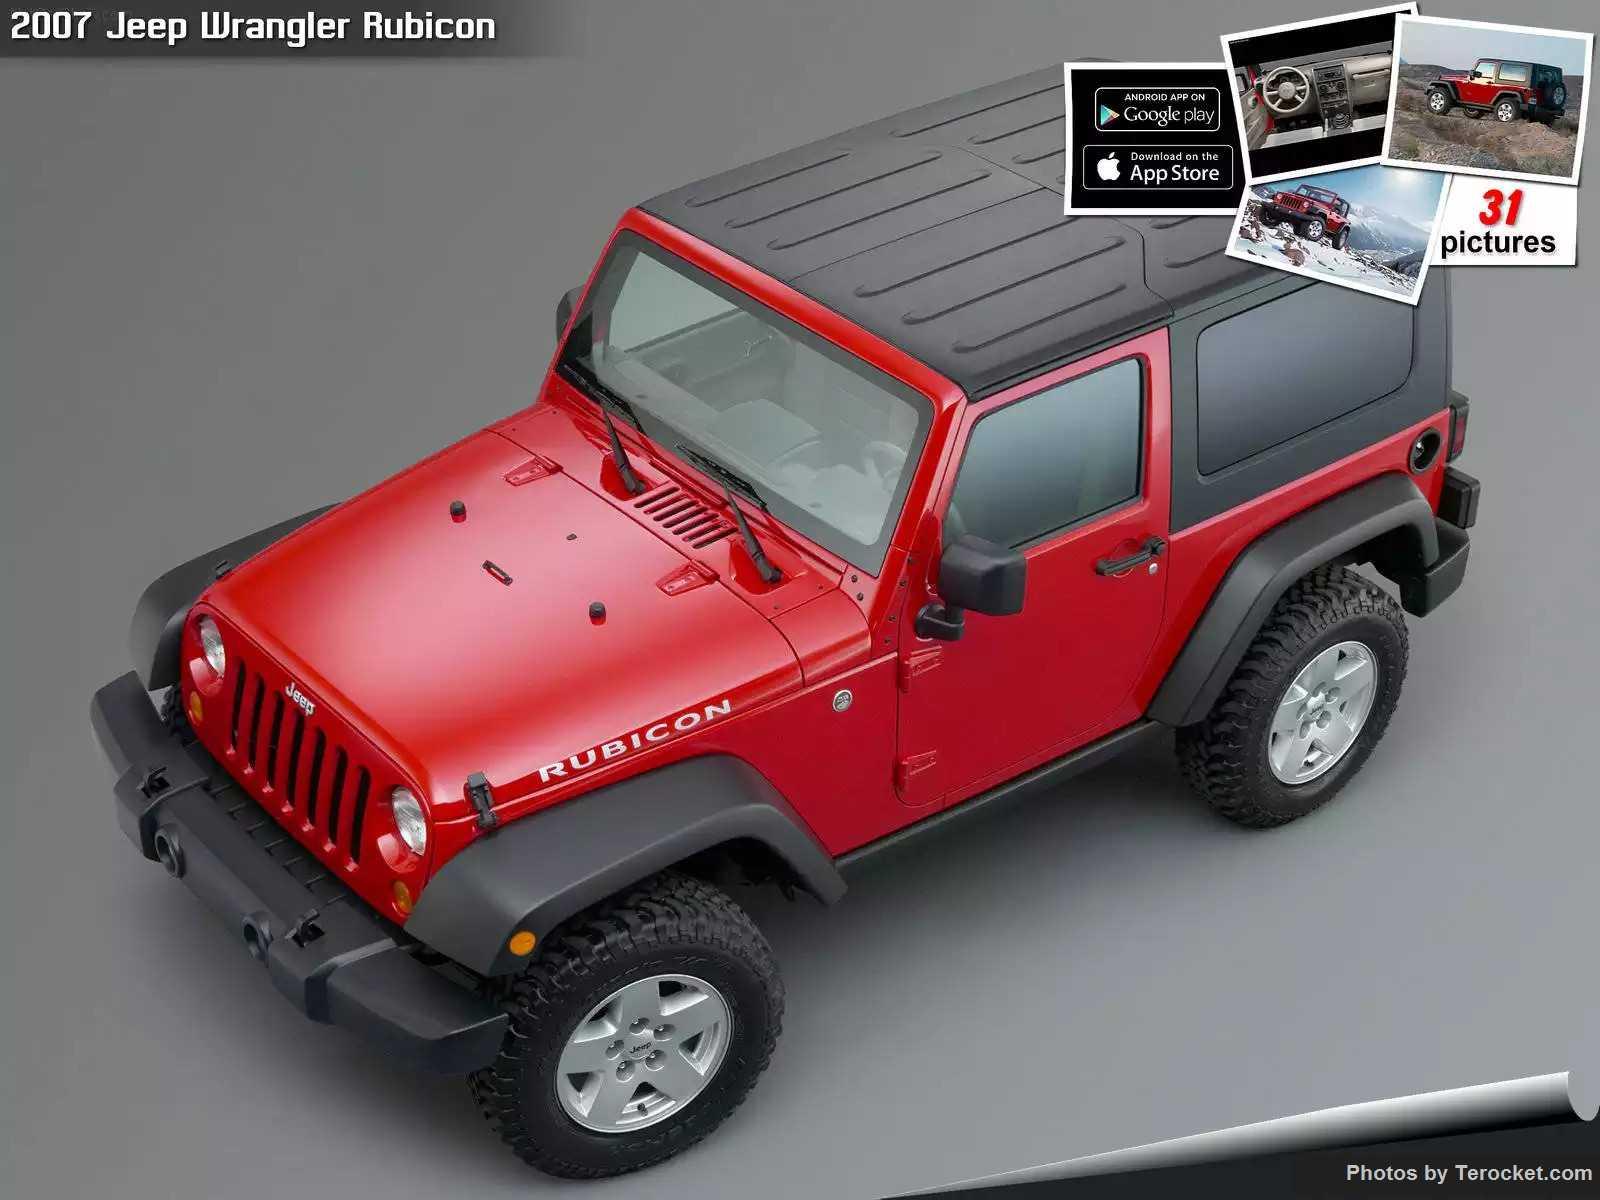 Hình ảnh xe ô tô Jeep Wrangler Rubicon 2007 & nội ngoại thất